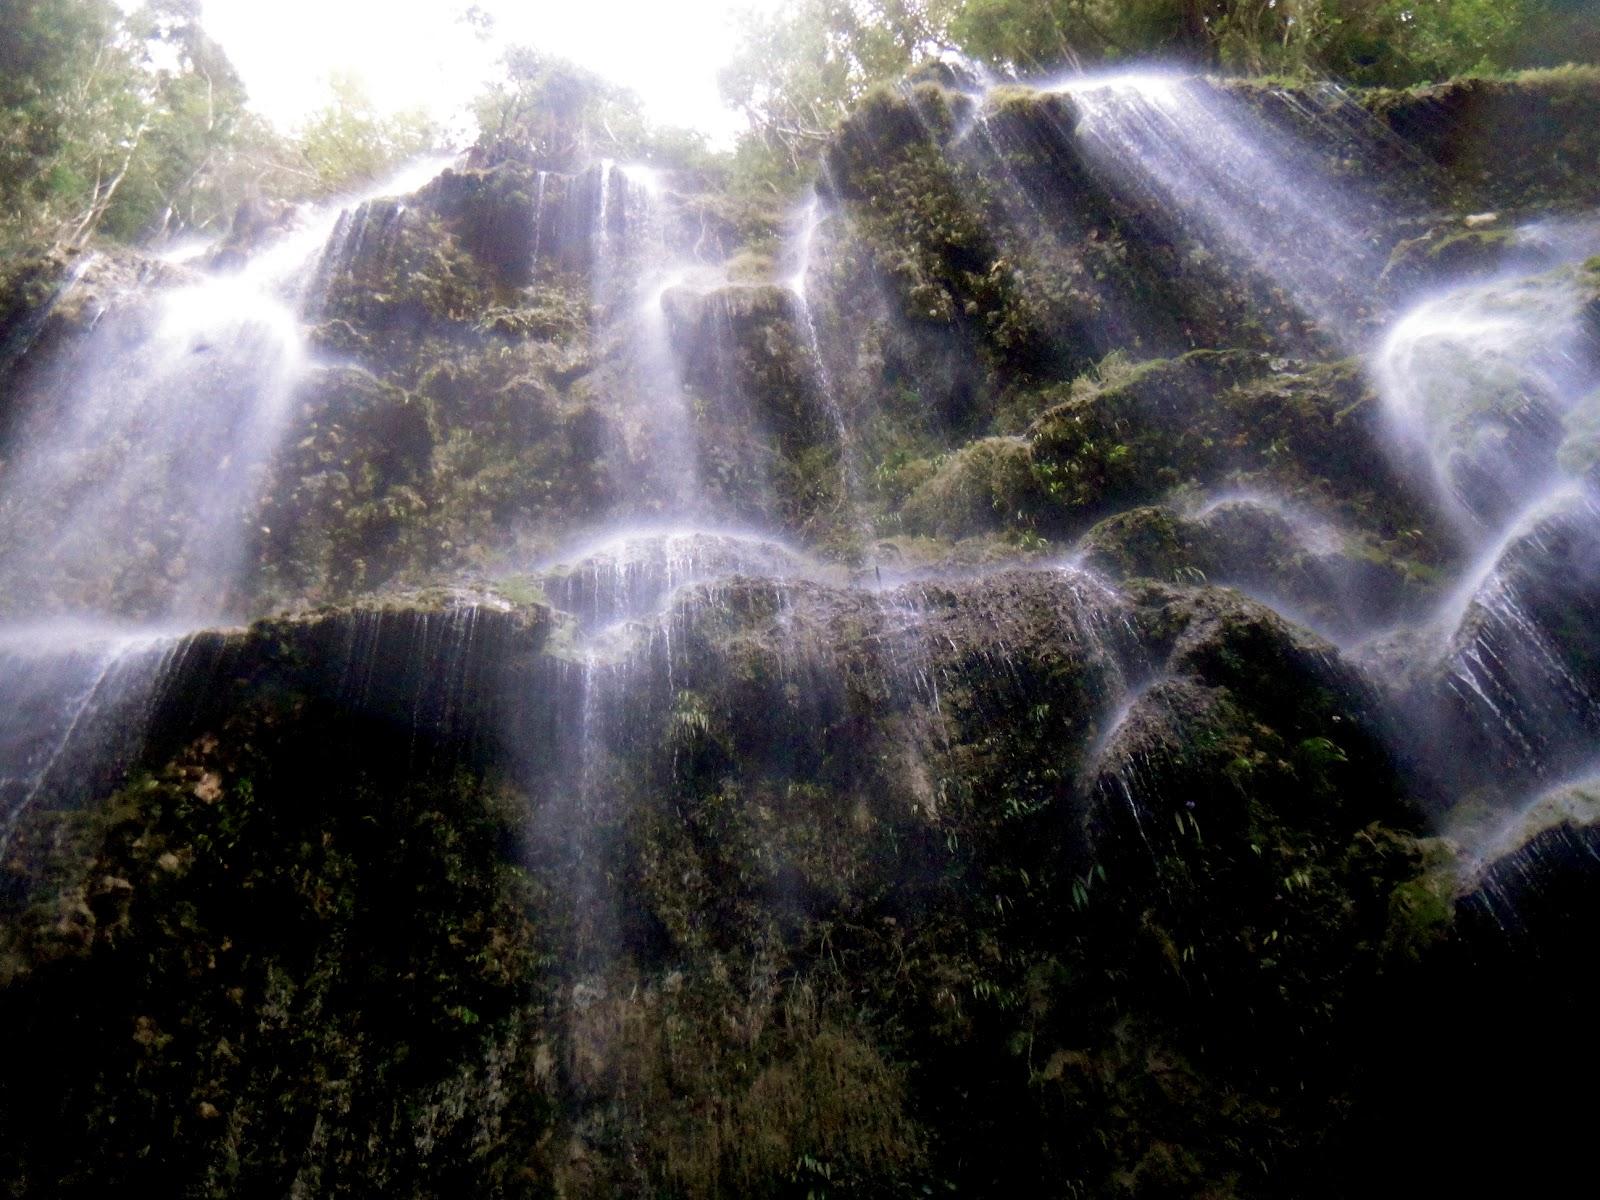 the falling grace tumalog falls in oslob cebu thepinkpanther the falling grace tumalog falls in oslob cebu